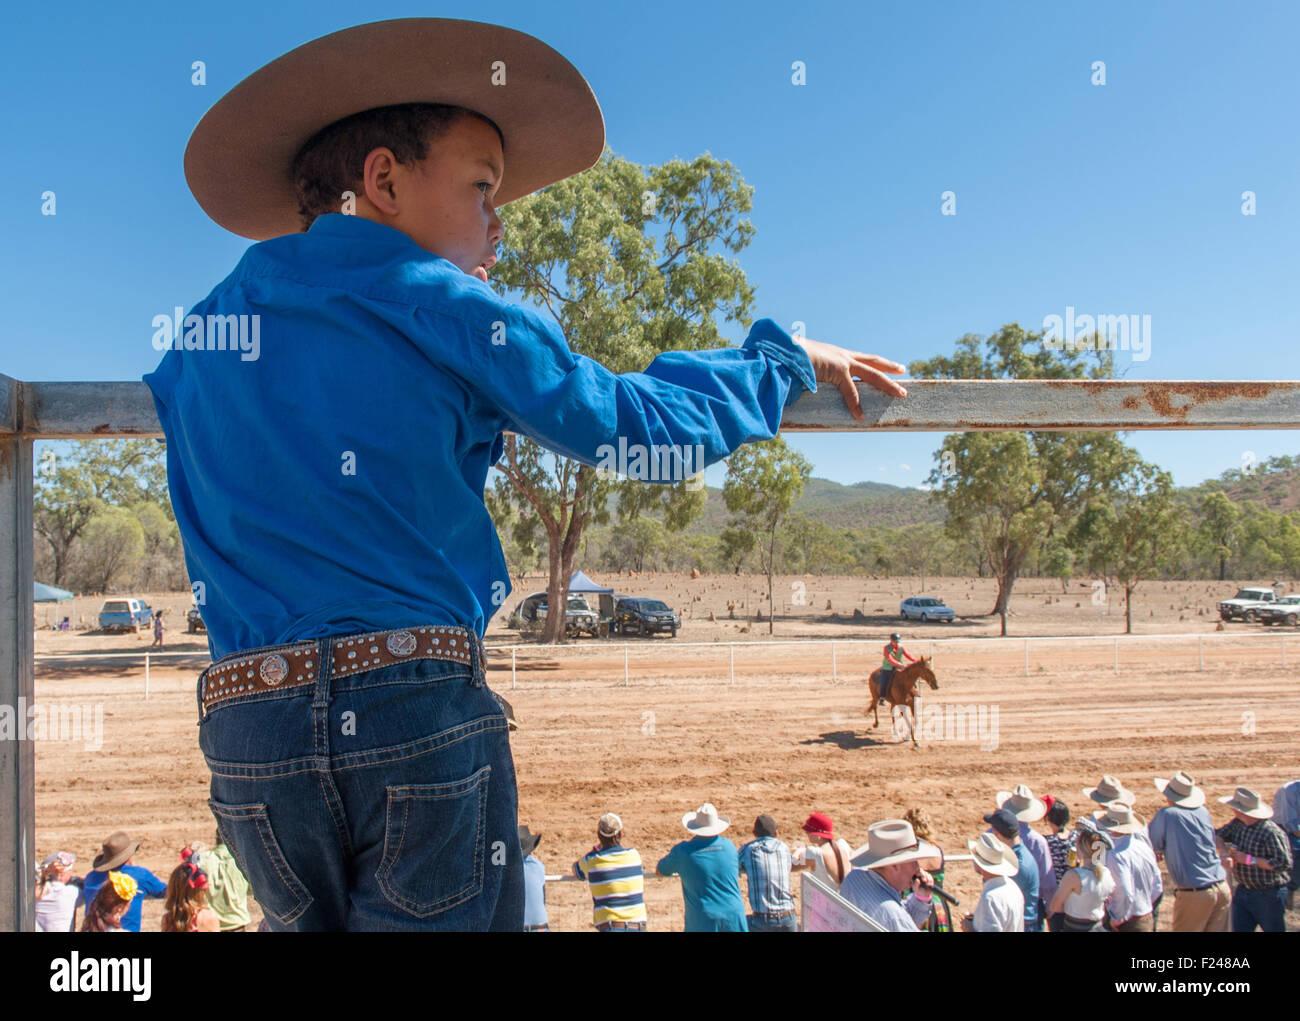 Ragazzo giovane guardando la bussola le gare a Eureka Creek Rodeo a fine luglio, il Queensland del Nord, Australia Immagini Stock